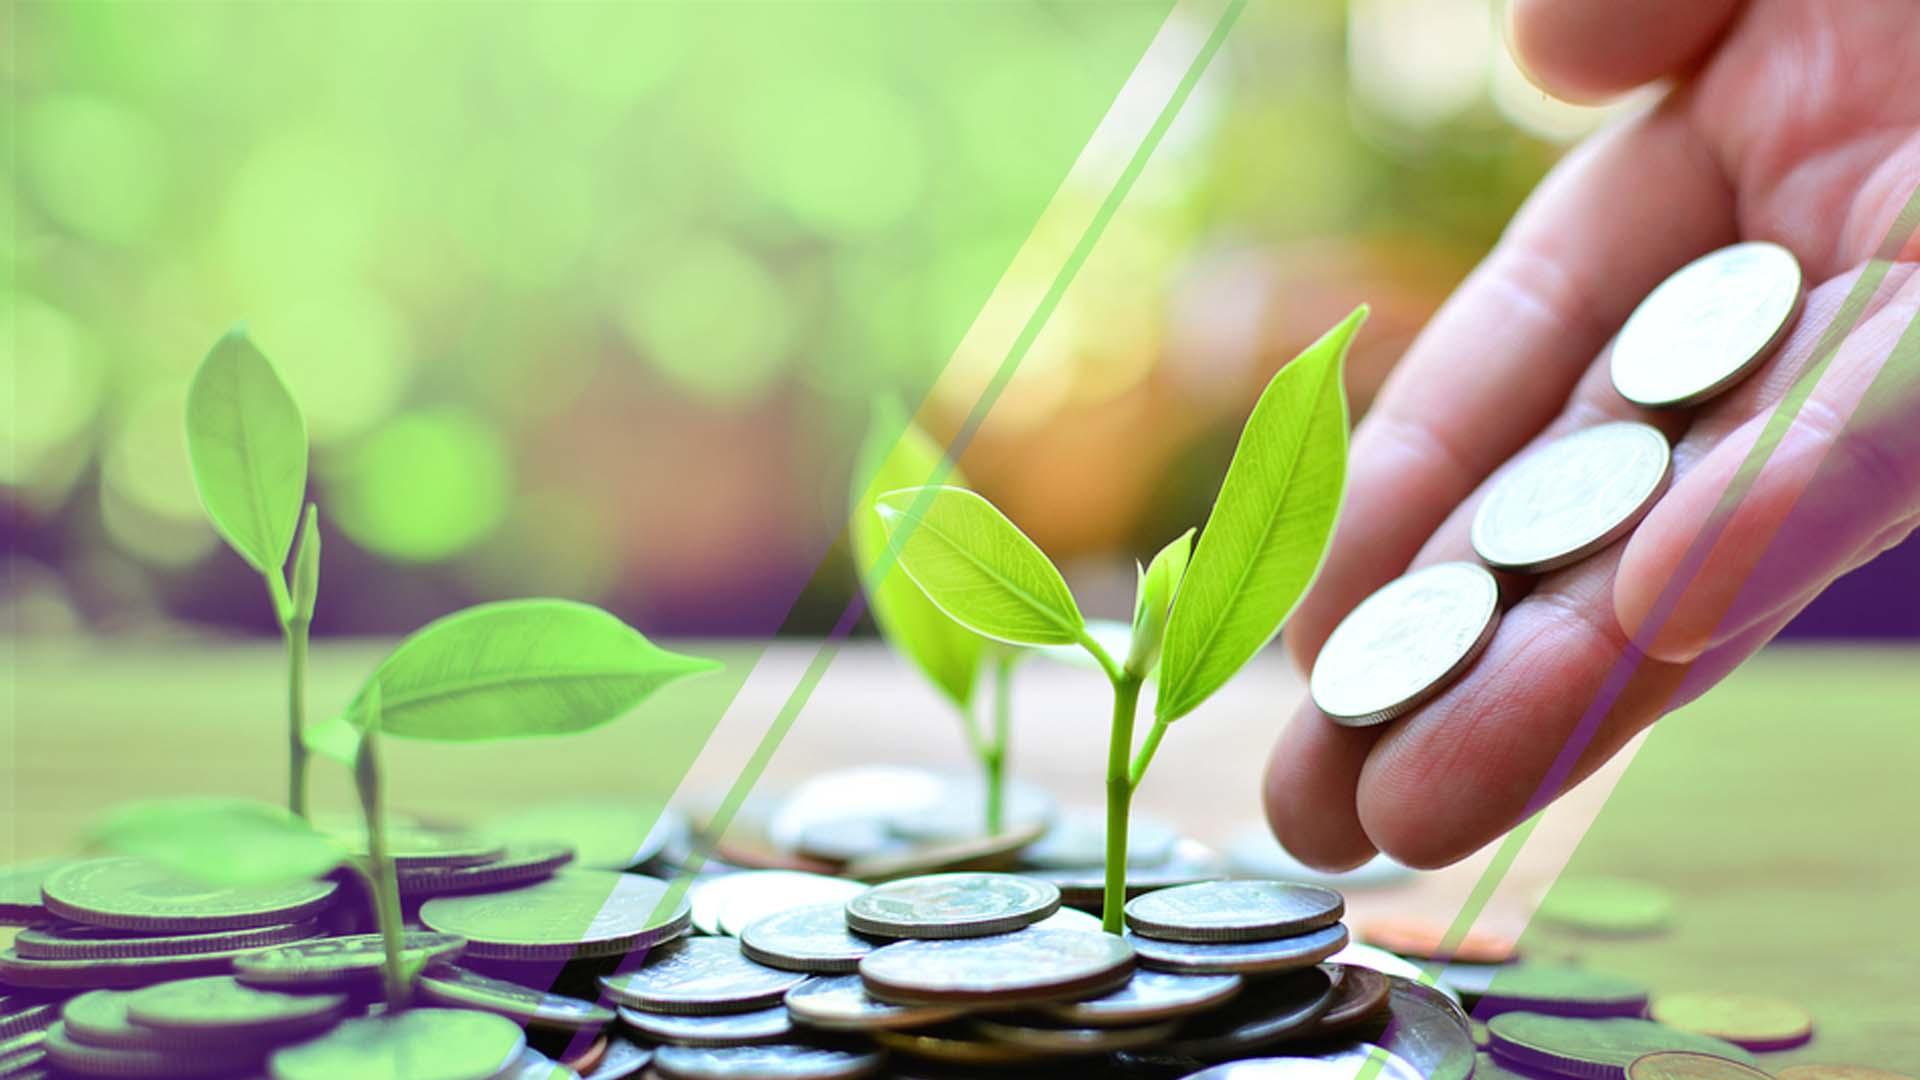 Las 5 inversiones más seguras que puedes hacer en tu vida